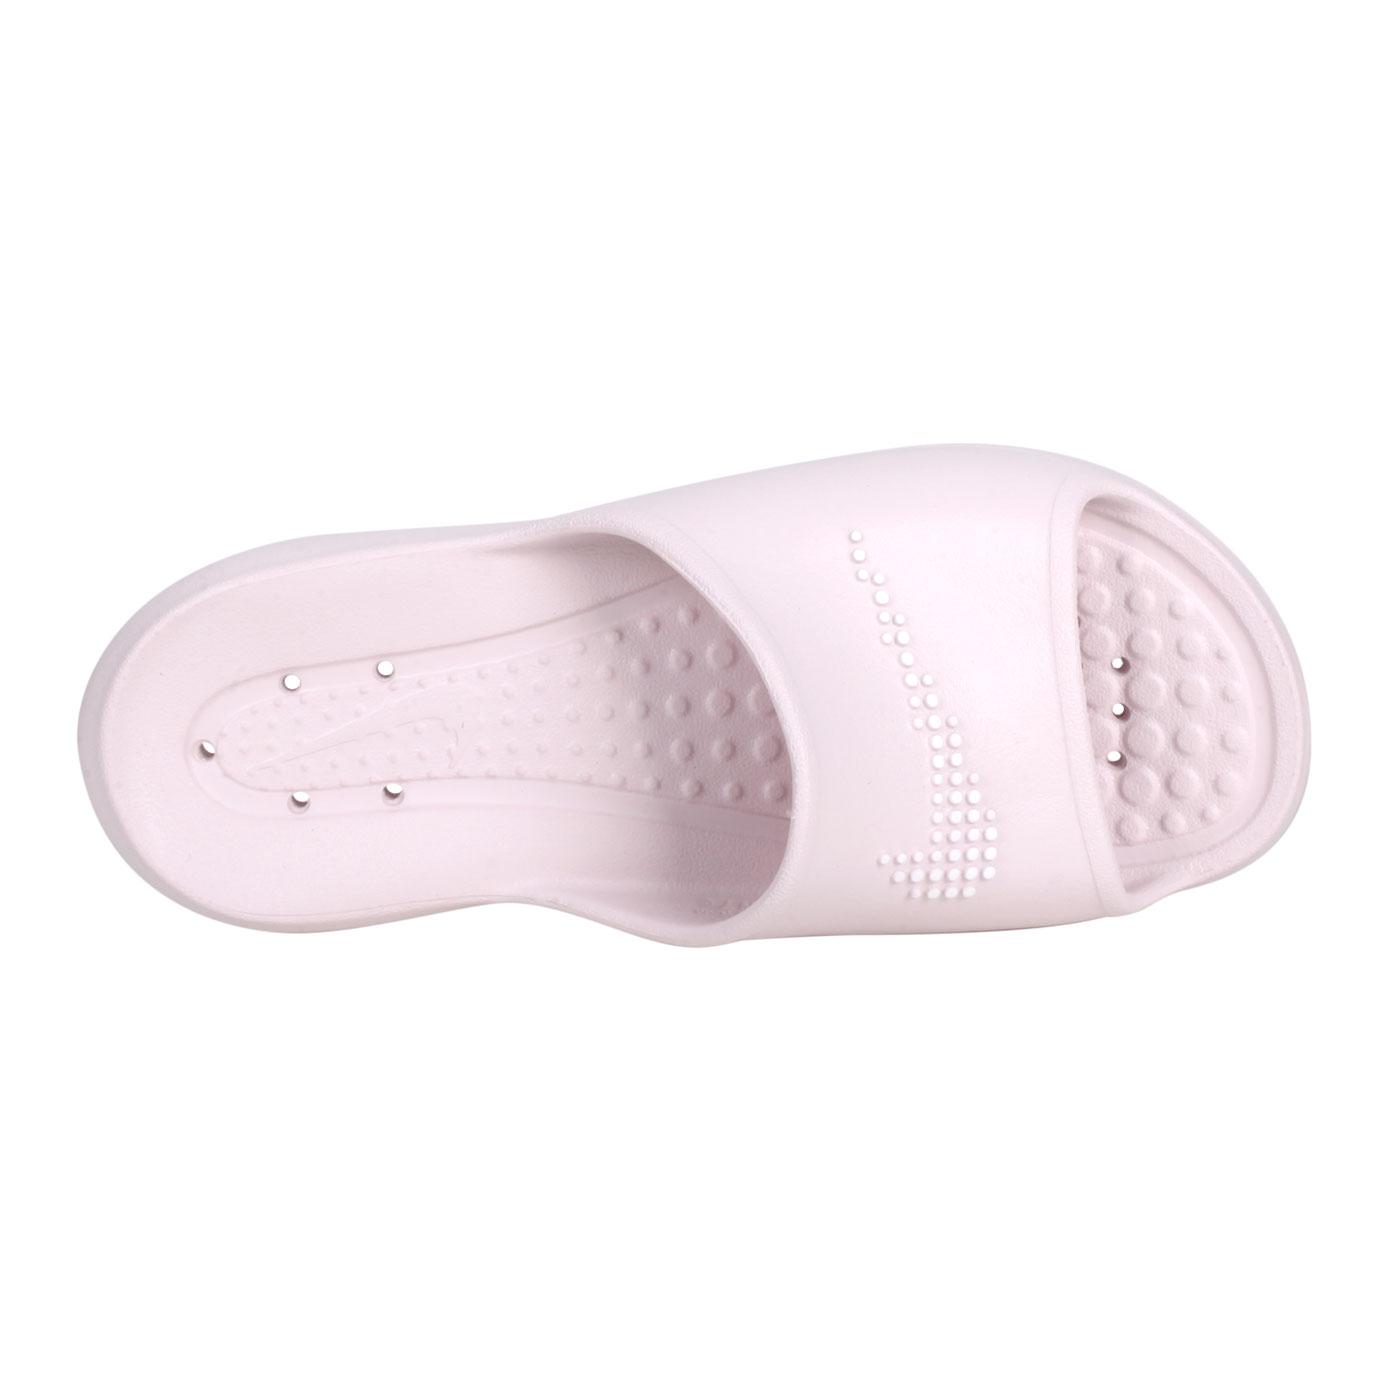 NIKE 女款休閒拖鞋  @W VICTORI  ONE SHWER SLIDE@CZ7836-600 - 粉紅白